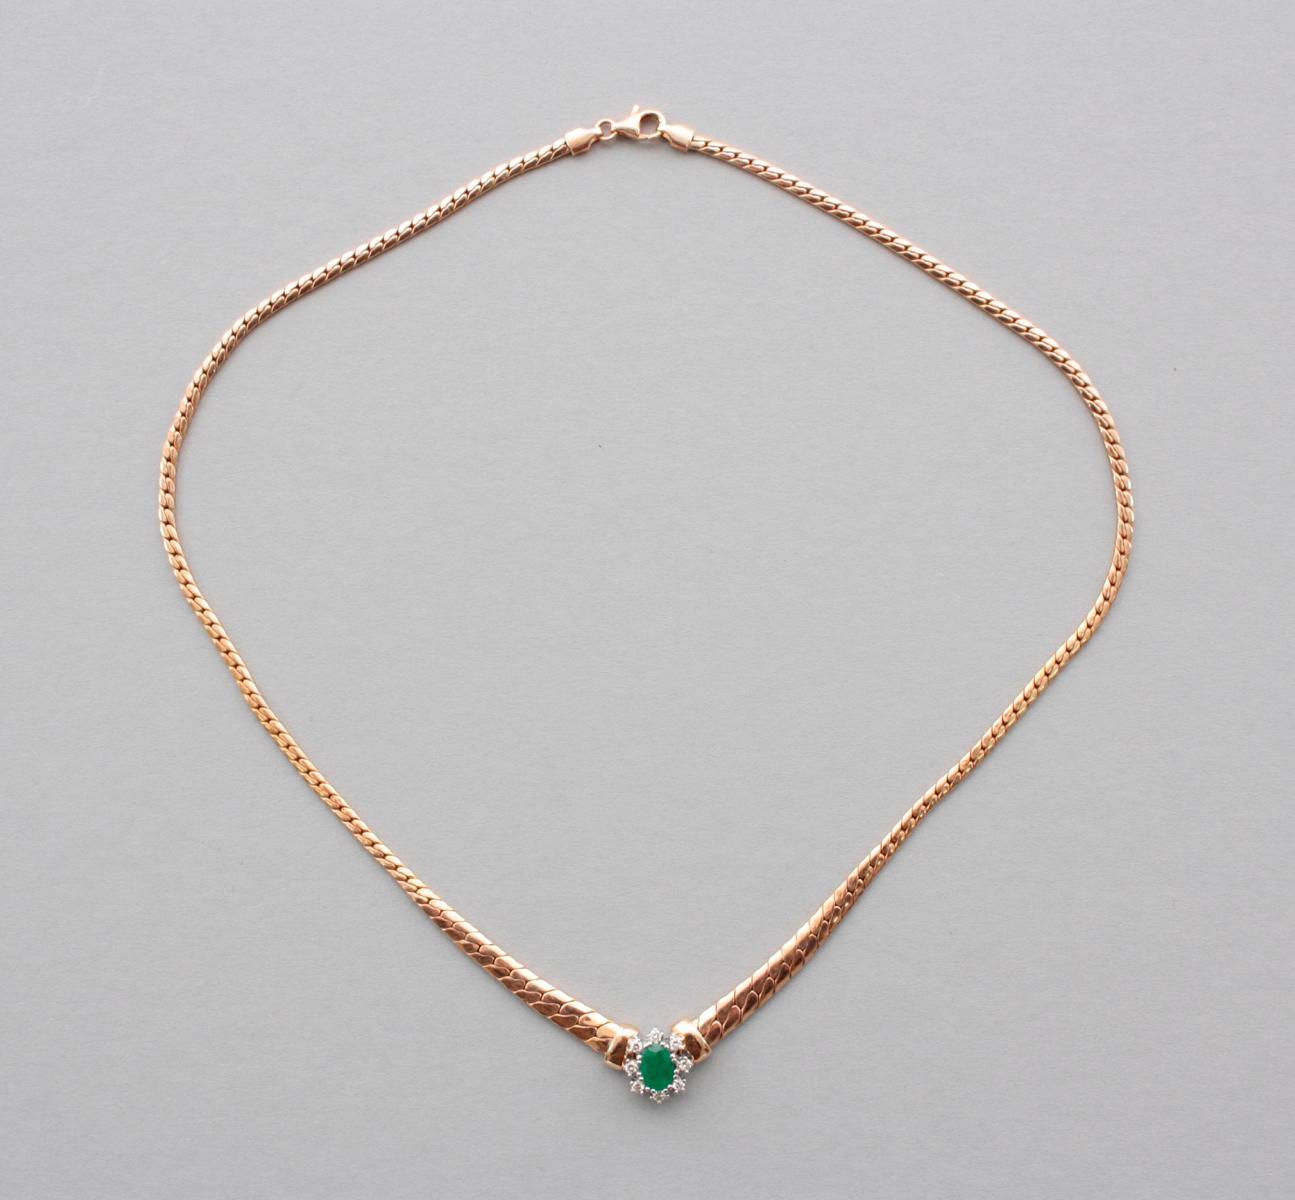 Collier mit Smaragd und Diamanten  14 Karat Gelbgold